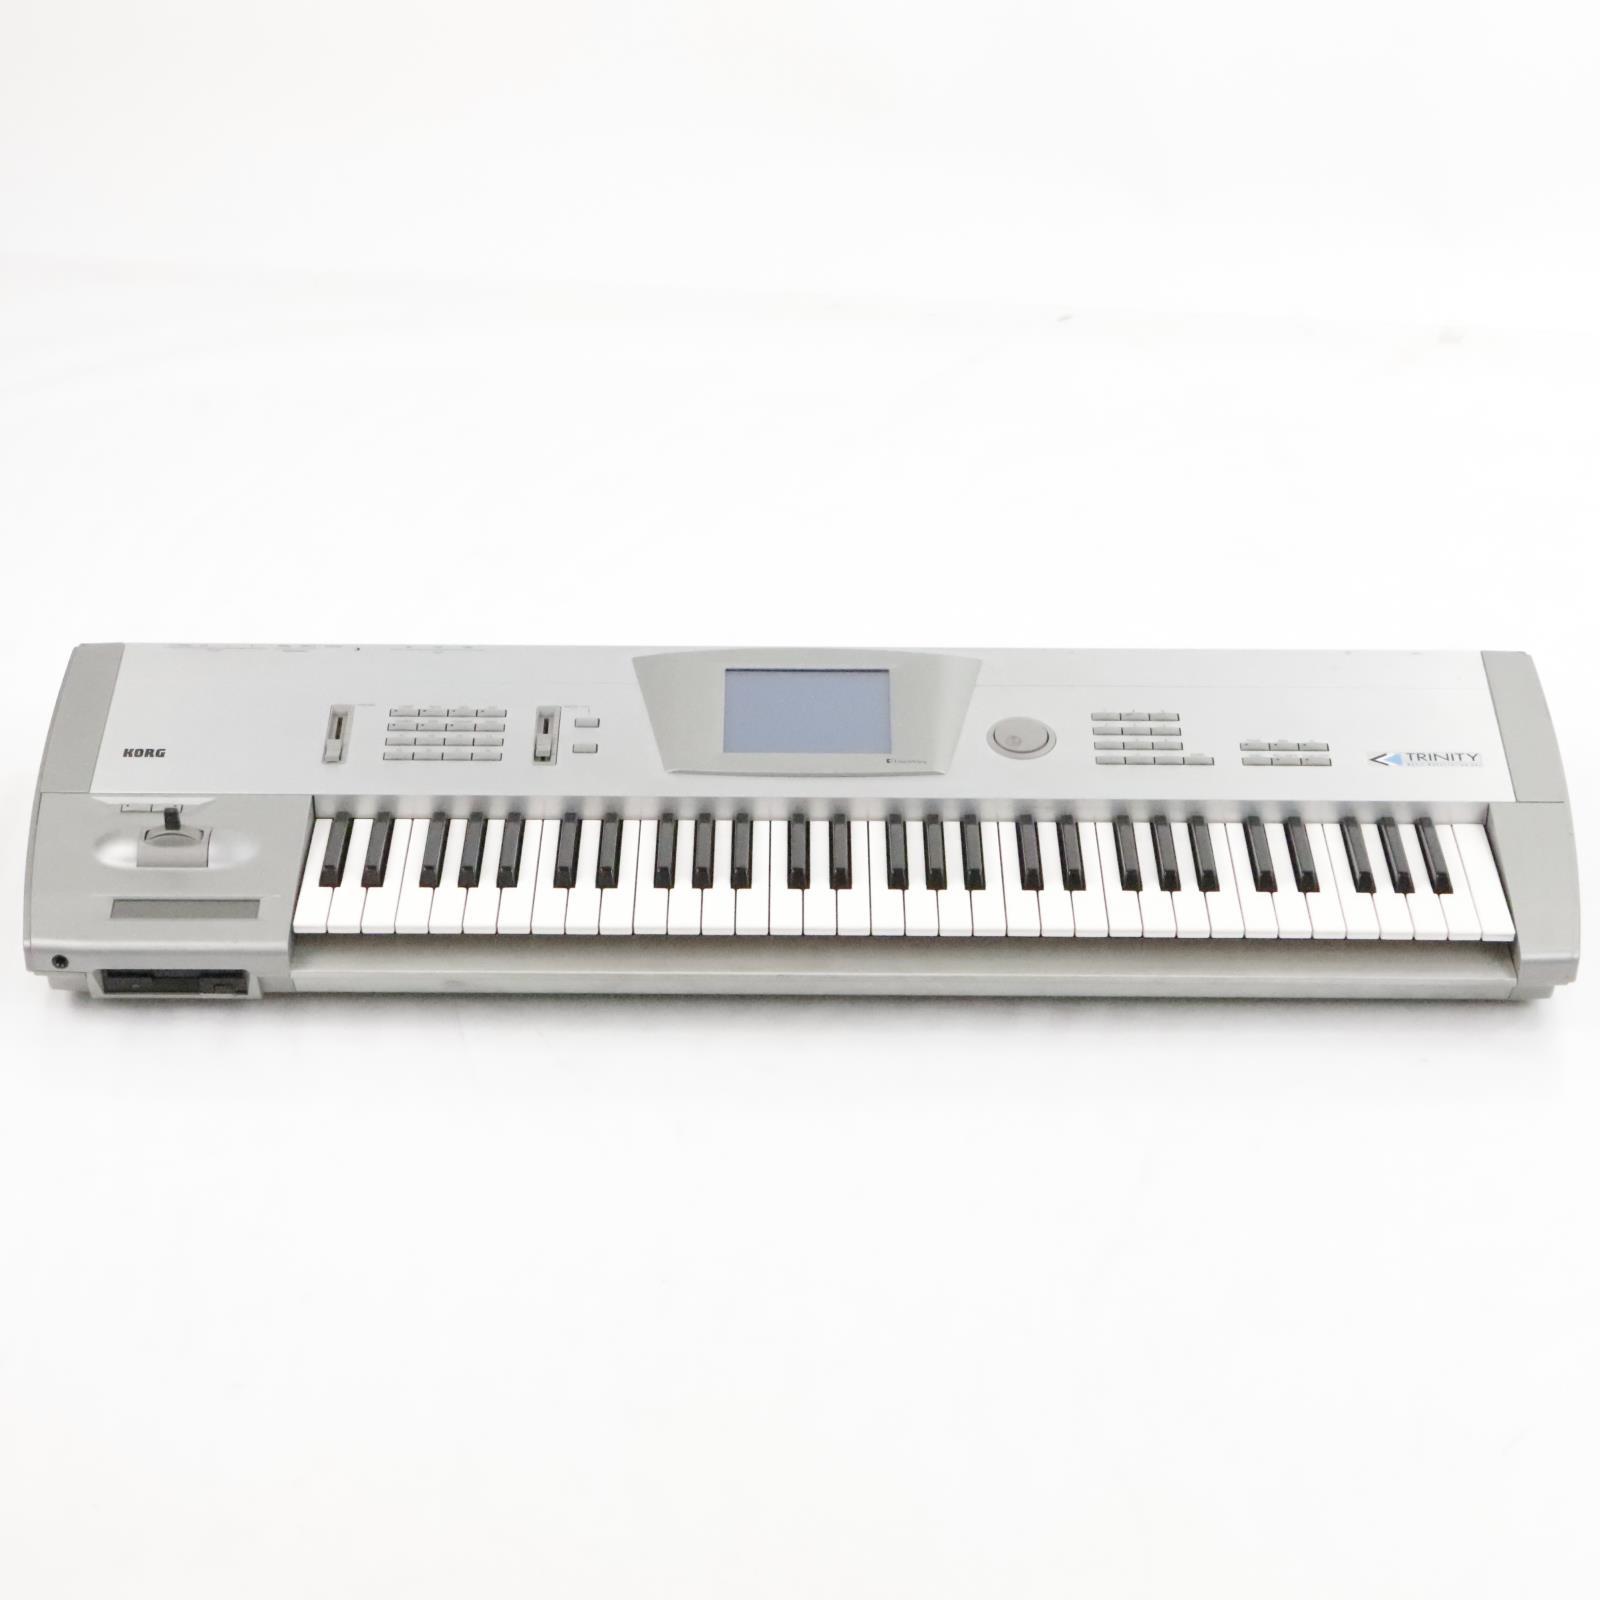 Korg Trinity 61 Keyboard Synthesizer Ver. 3.1.2 #36192